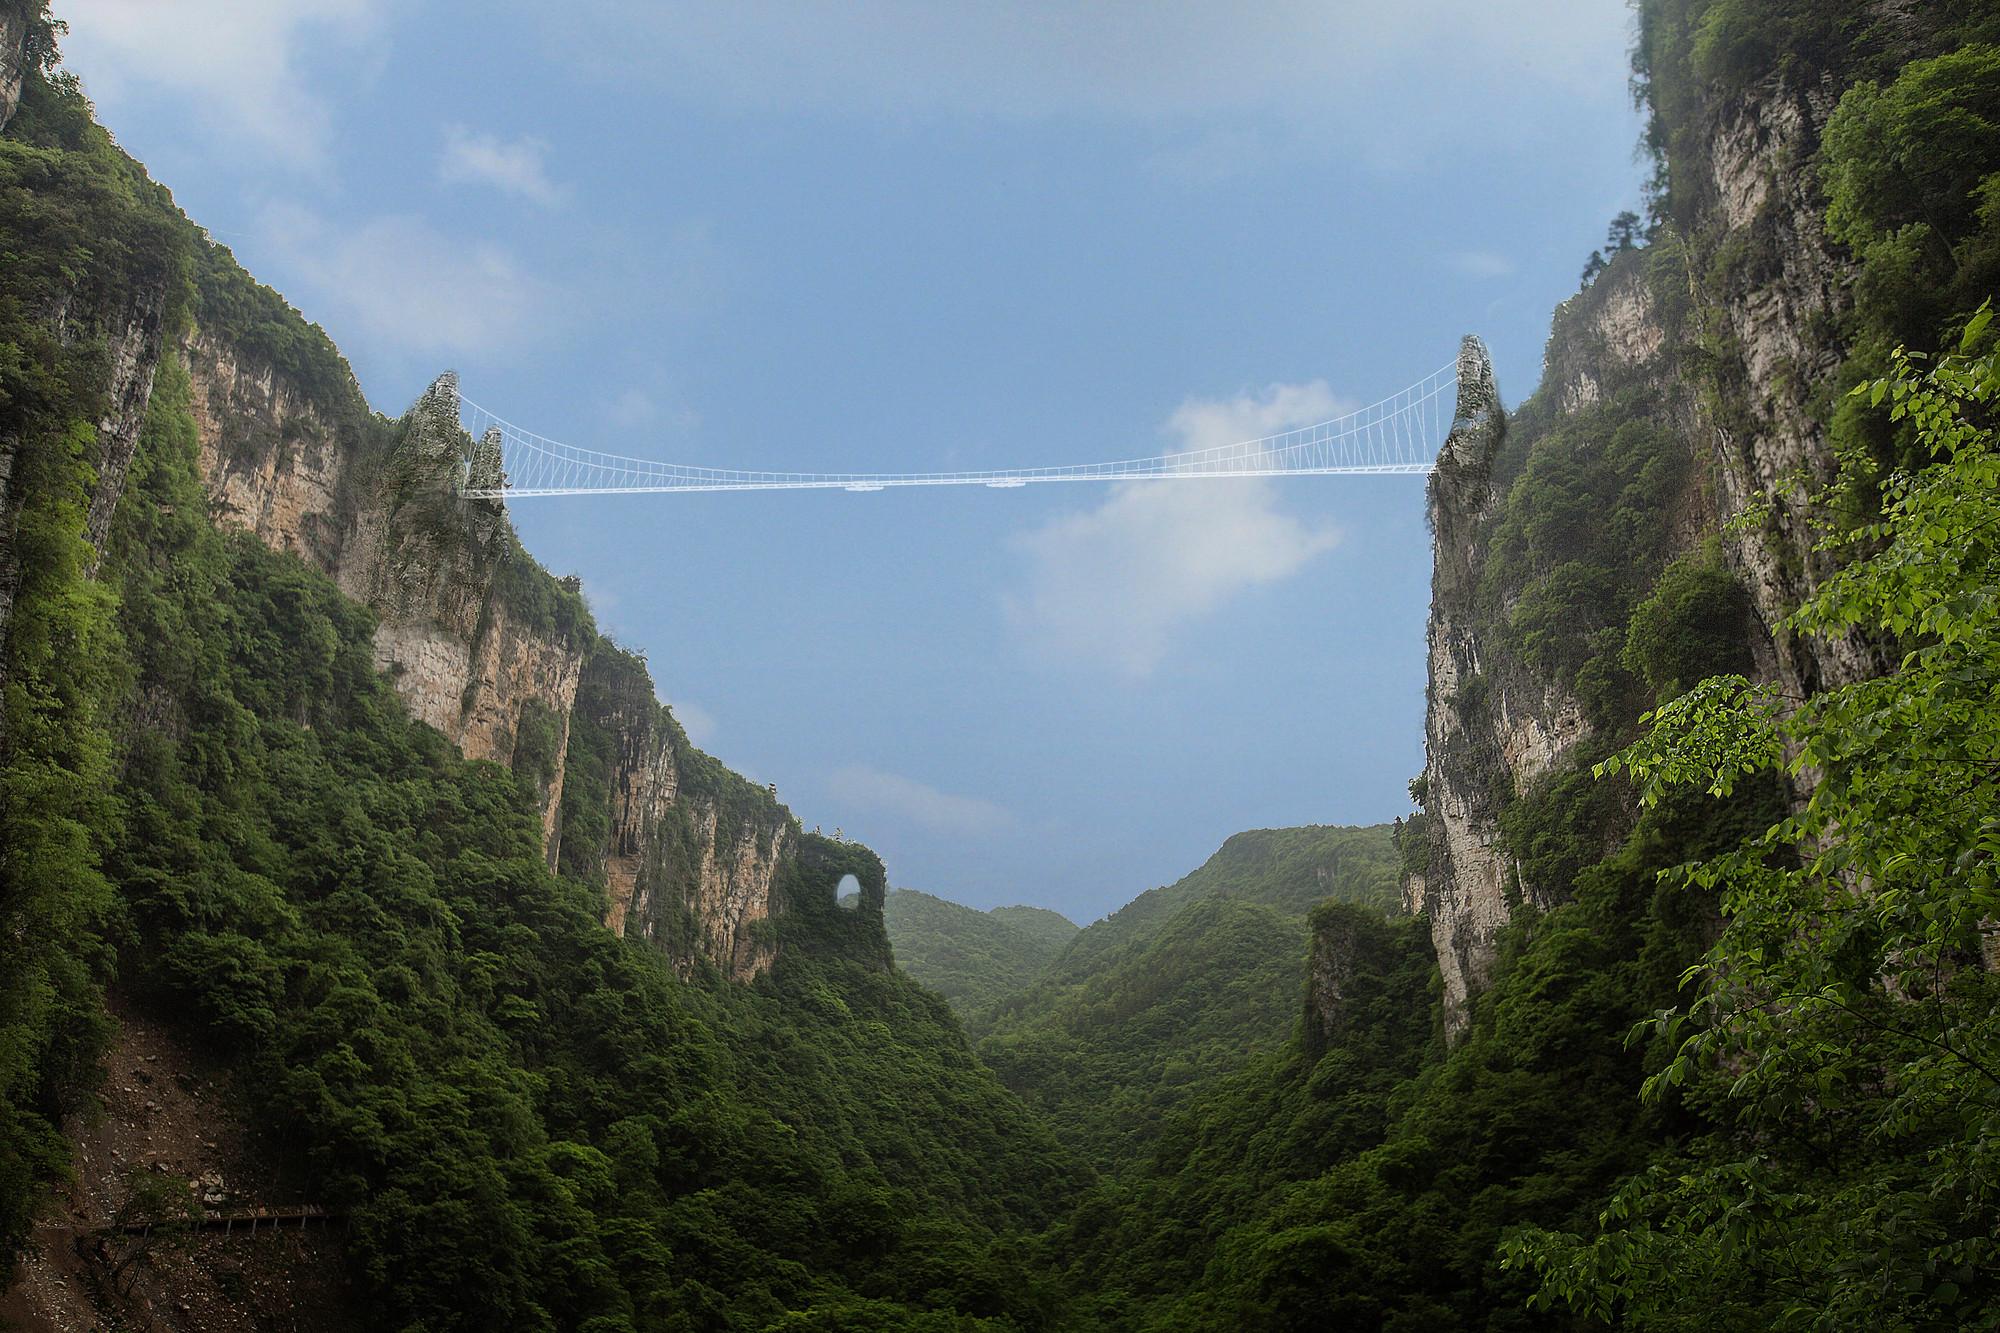 China se prepara para inaugurar el puente de superficie vidriada más largo y alto del mundo, Cortesía de Haim Dotan Ltd. Architects and Urban Designers